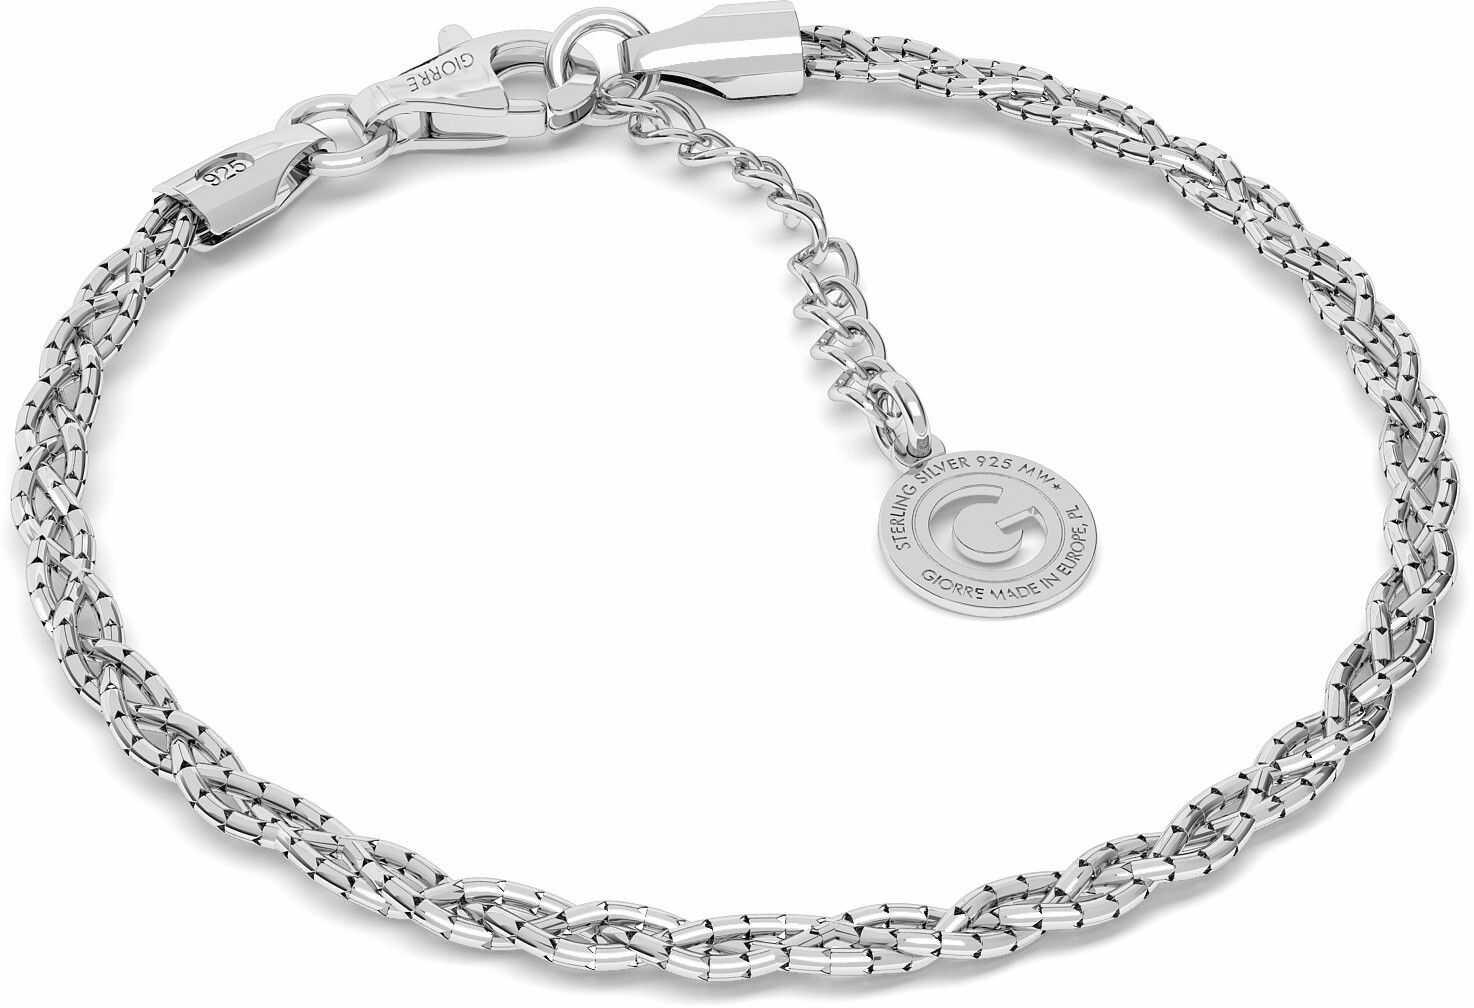 Srebrna bransoletka warkocz pleciony z 3 łańcuszków, srebro 925 : Srebro - kolor pokrycia - Pokrycie platyną